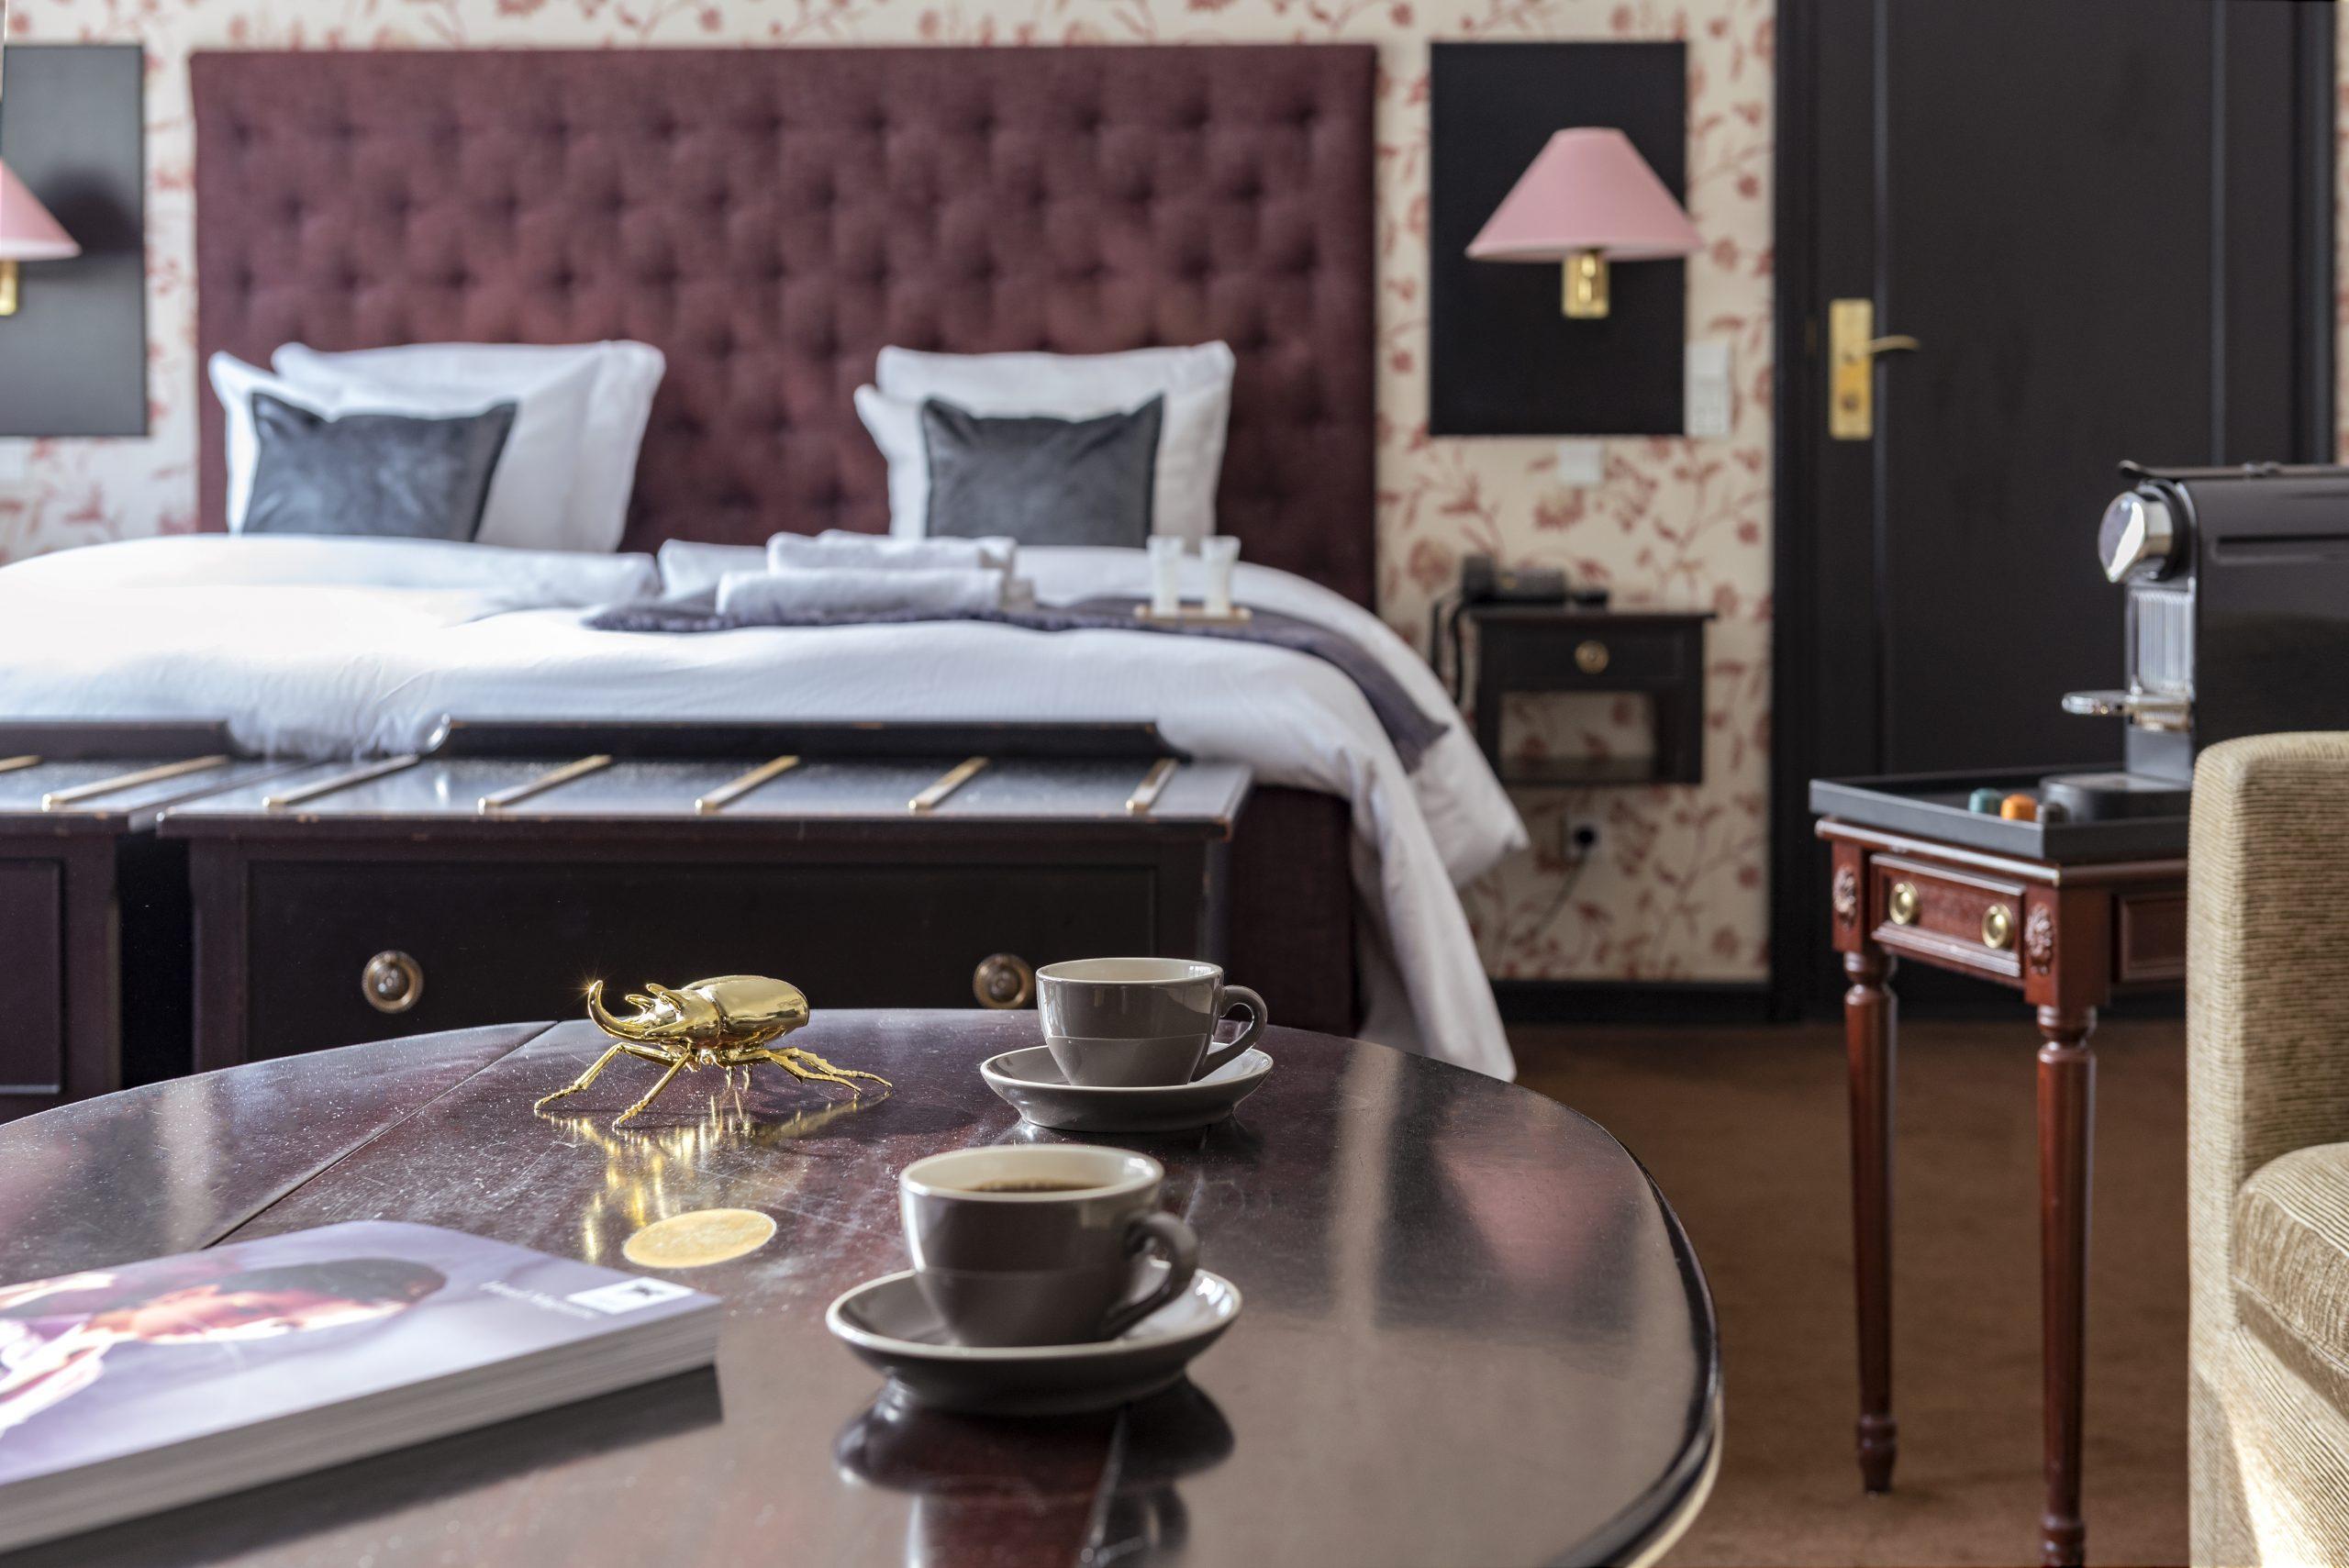 Det er hårde tider for de danske hoteller, navnlig hotellerne i hovedstaden er hårdt ramt under coronakrisen. Arkivpressefoto fra Hotel Kong Frederik ved Rådhuspladsen i København.